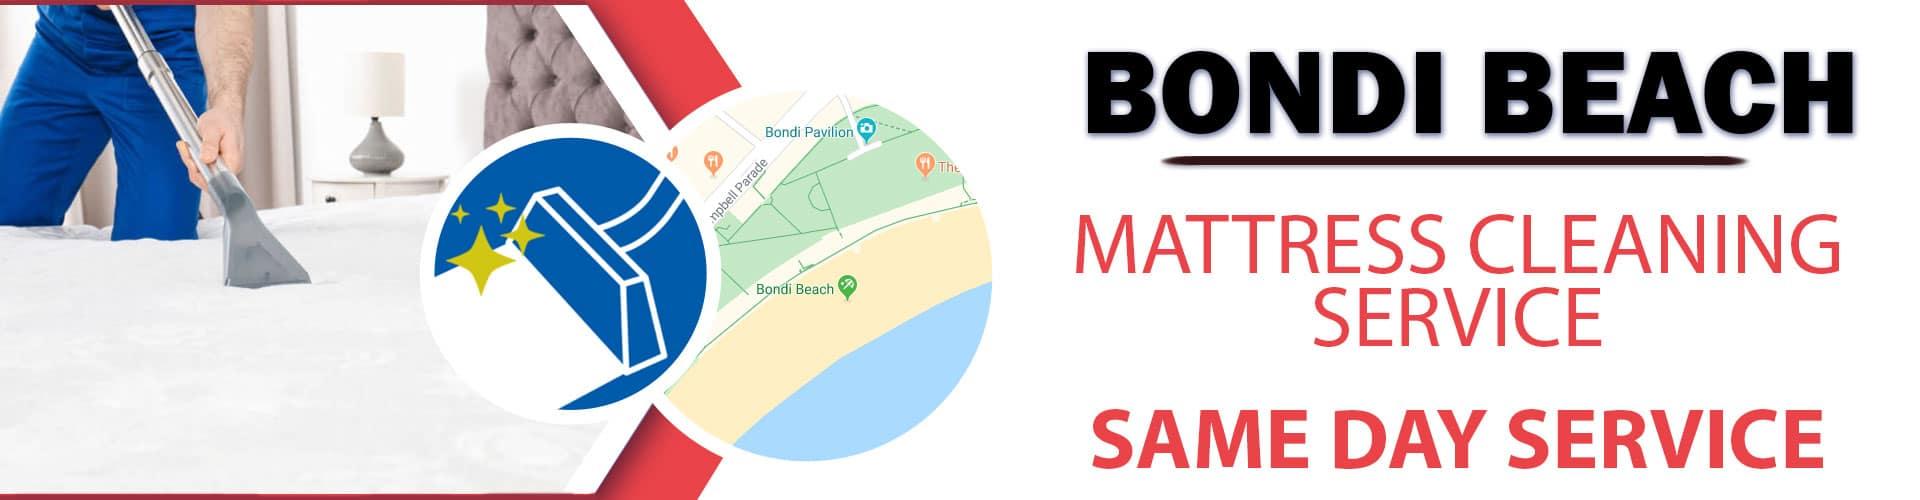 Mattress Cleaning Bondi Beach